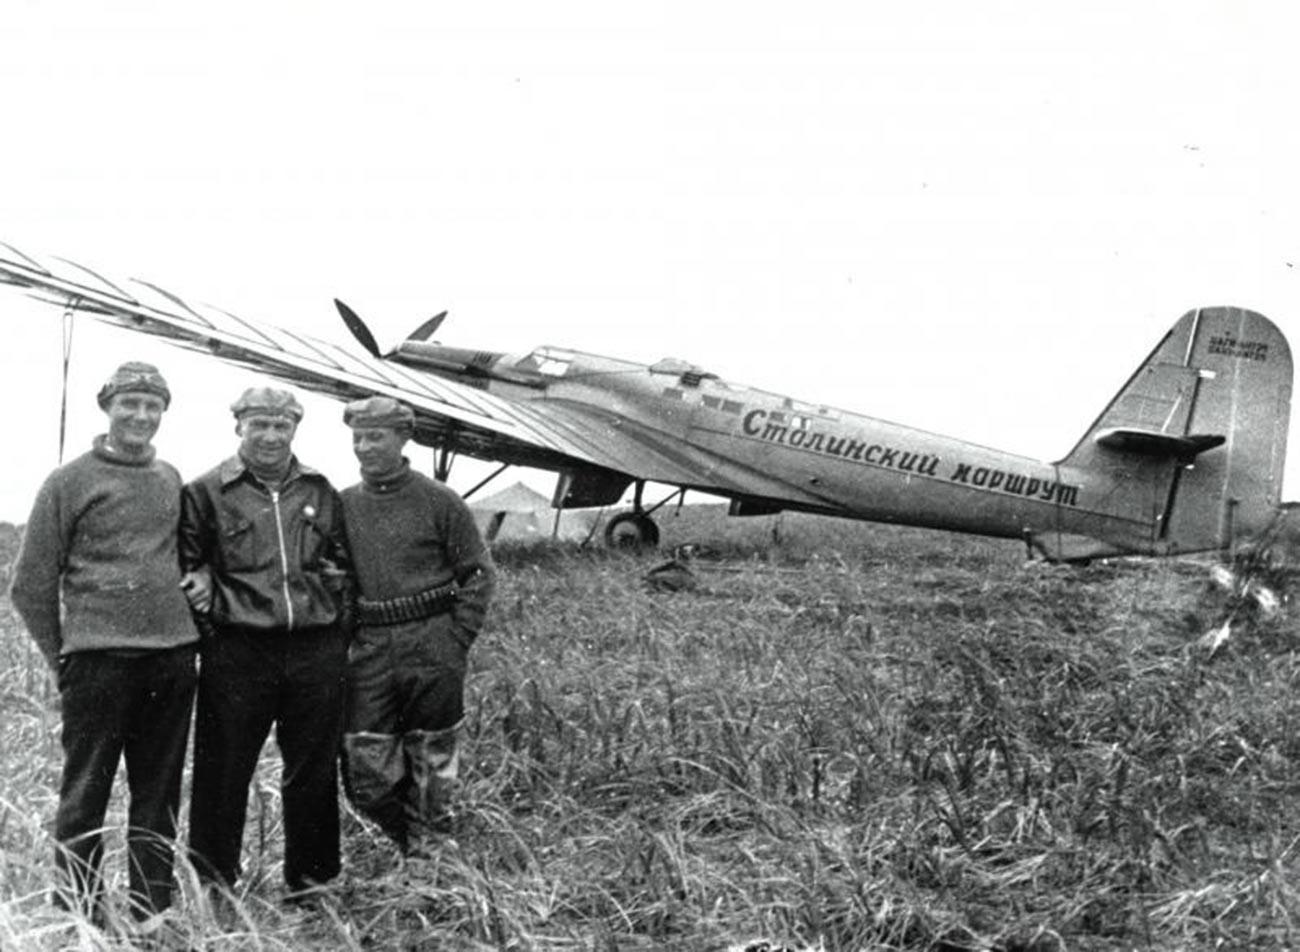 Экипаж Чкалова (в центре) после перелета в июле 1936 года.